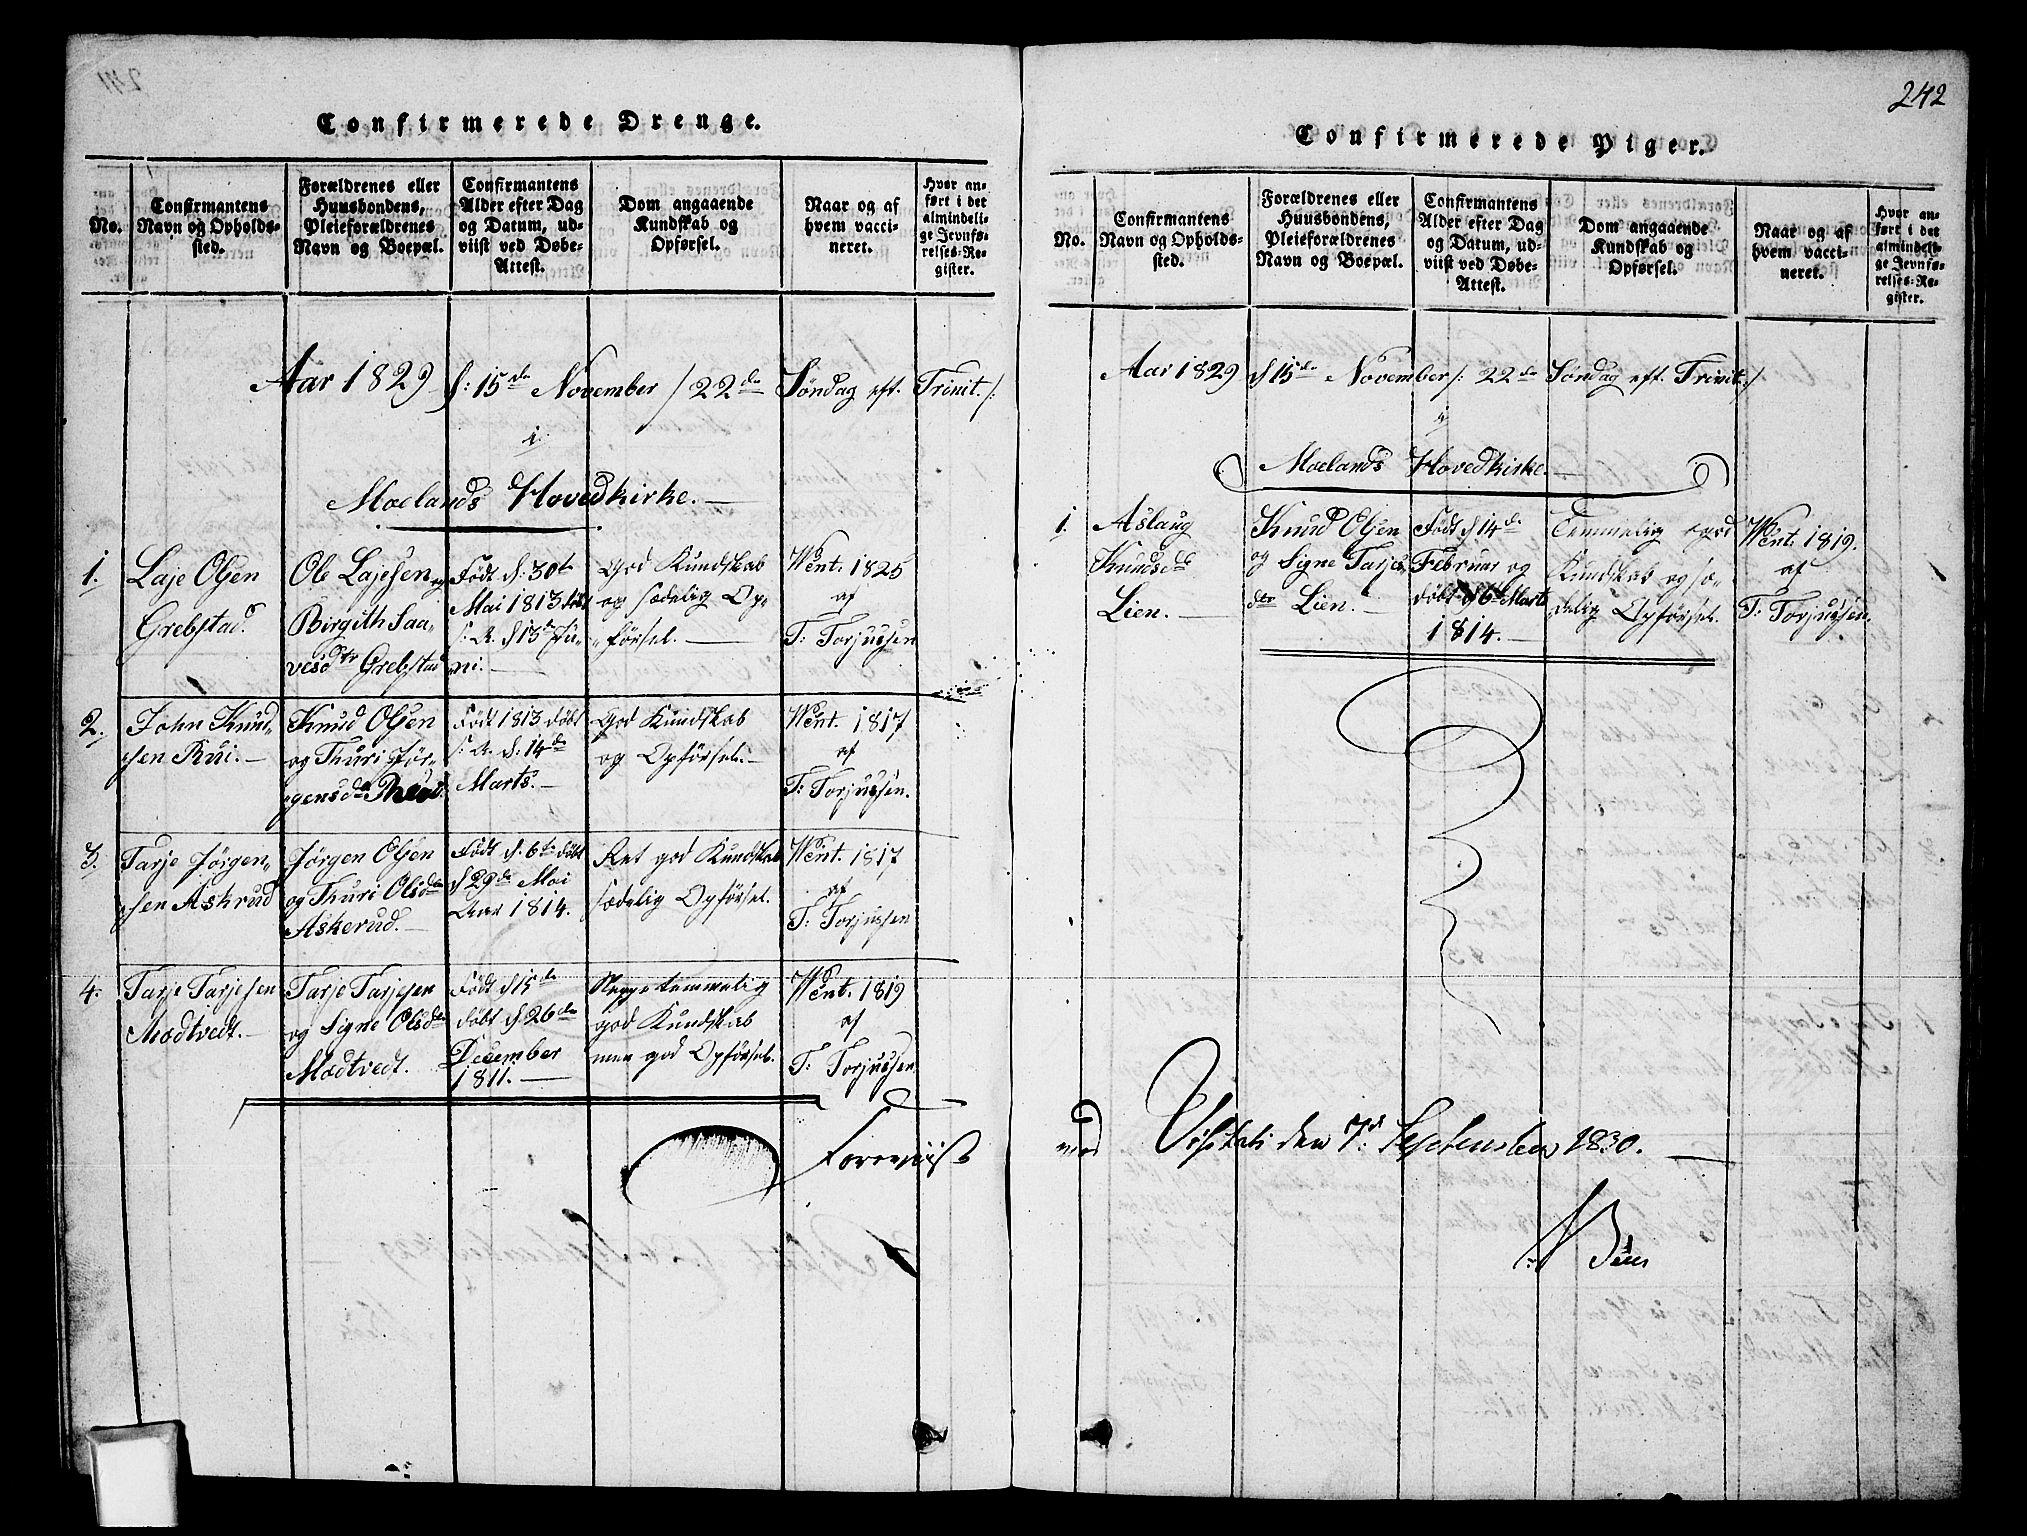 SAKO, Fyresdal kirkebøker, G/Ga/L0002: Klokkerbok nr. I 2, 1815-1857, s. 242